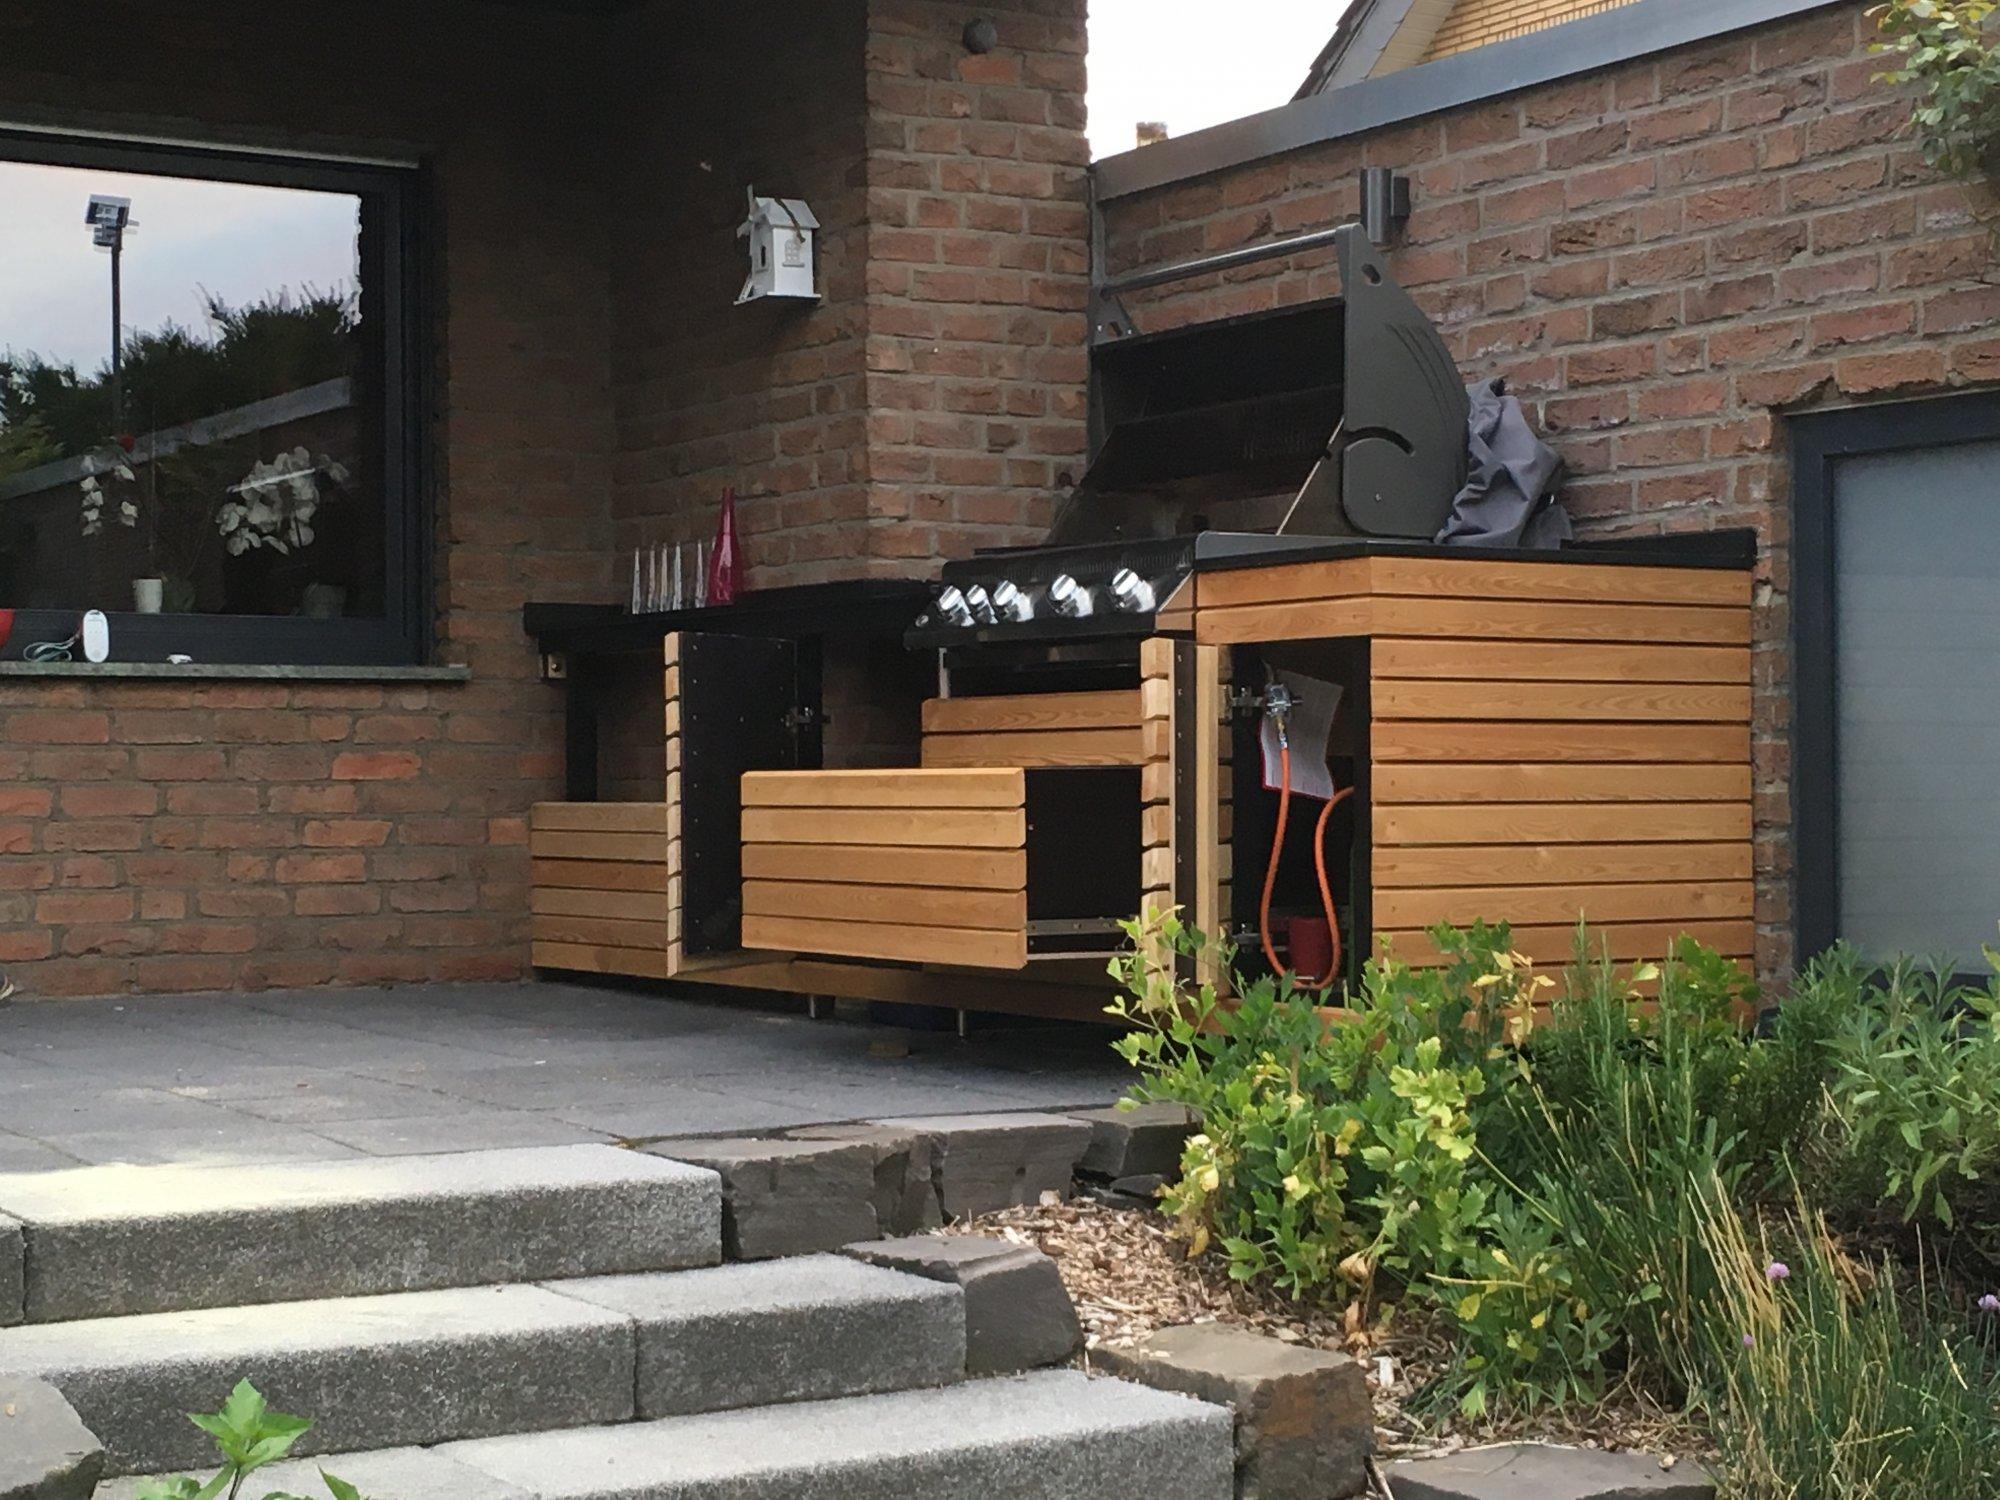 Outdoor Küche Mit Weber Spirit : Hängende outdoor küche grillforum und bbq grillsportverein